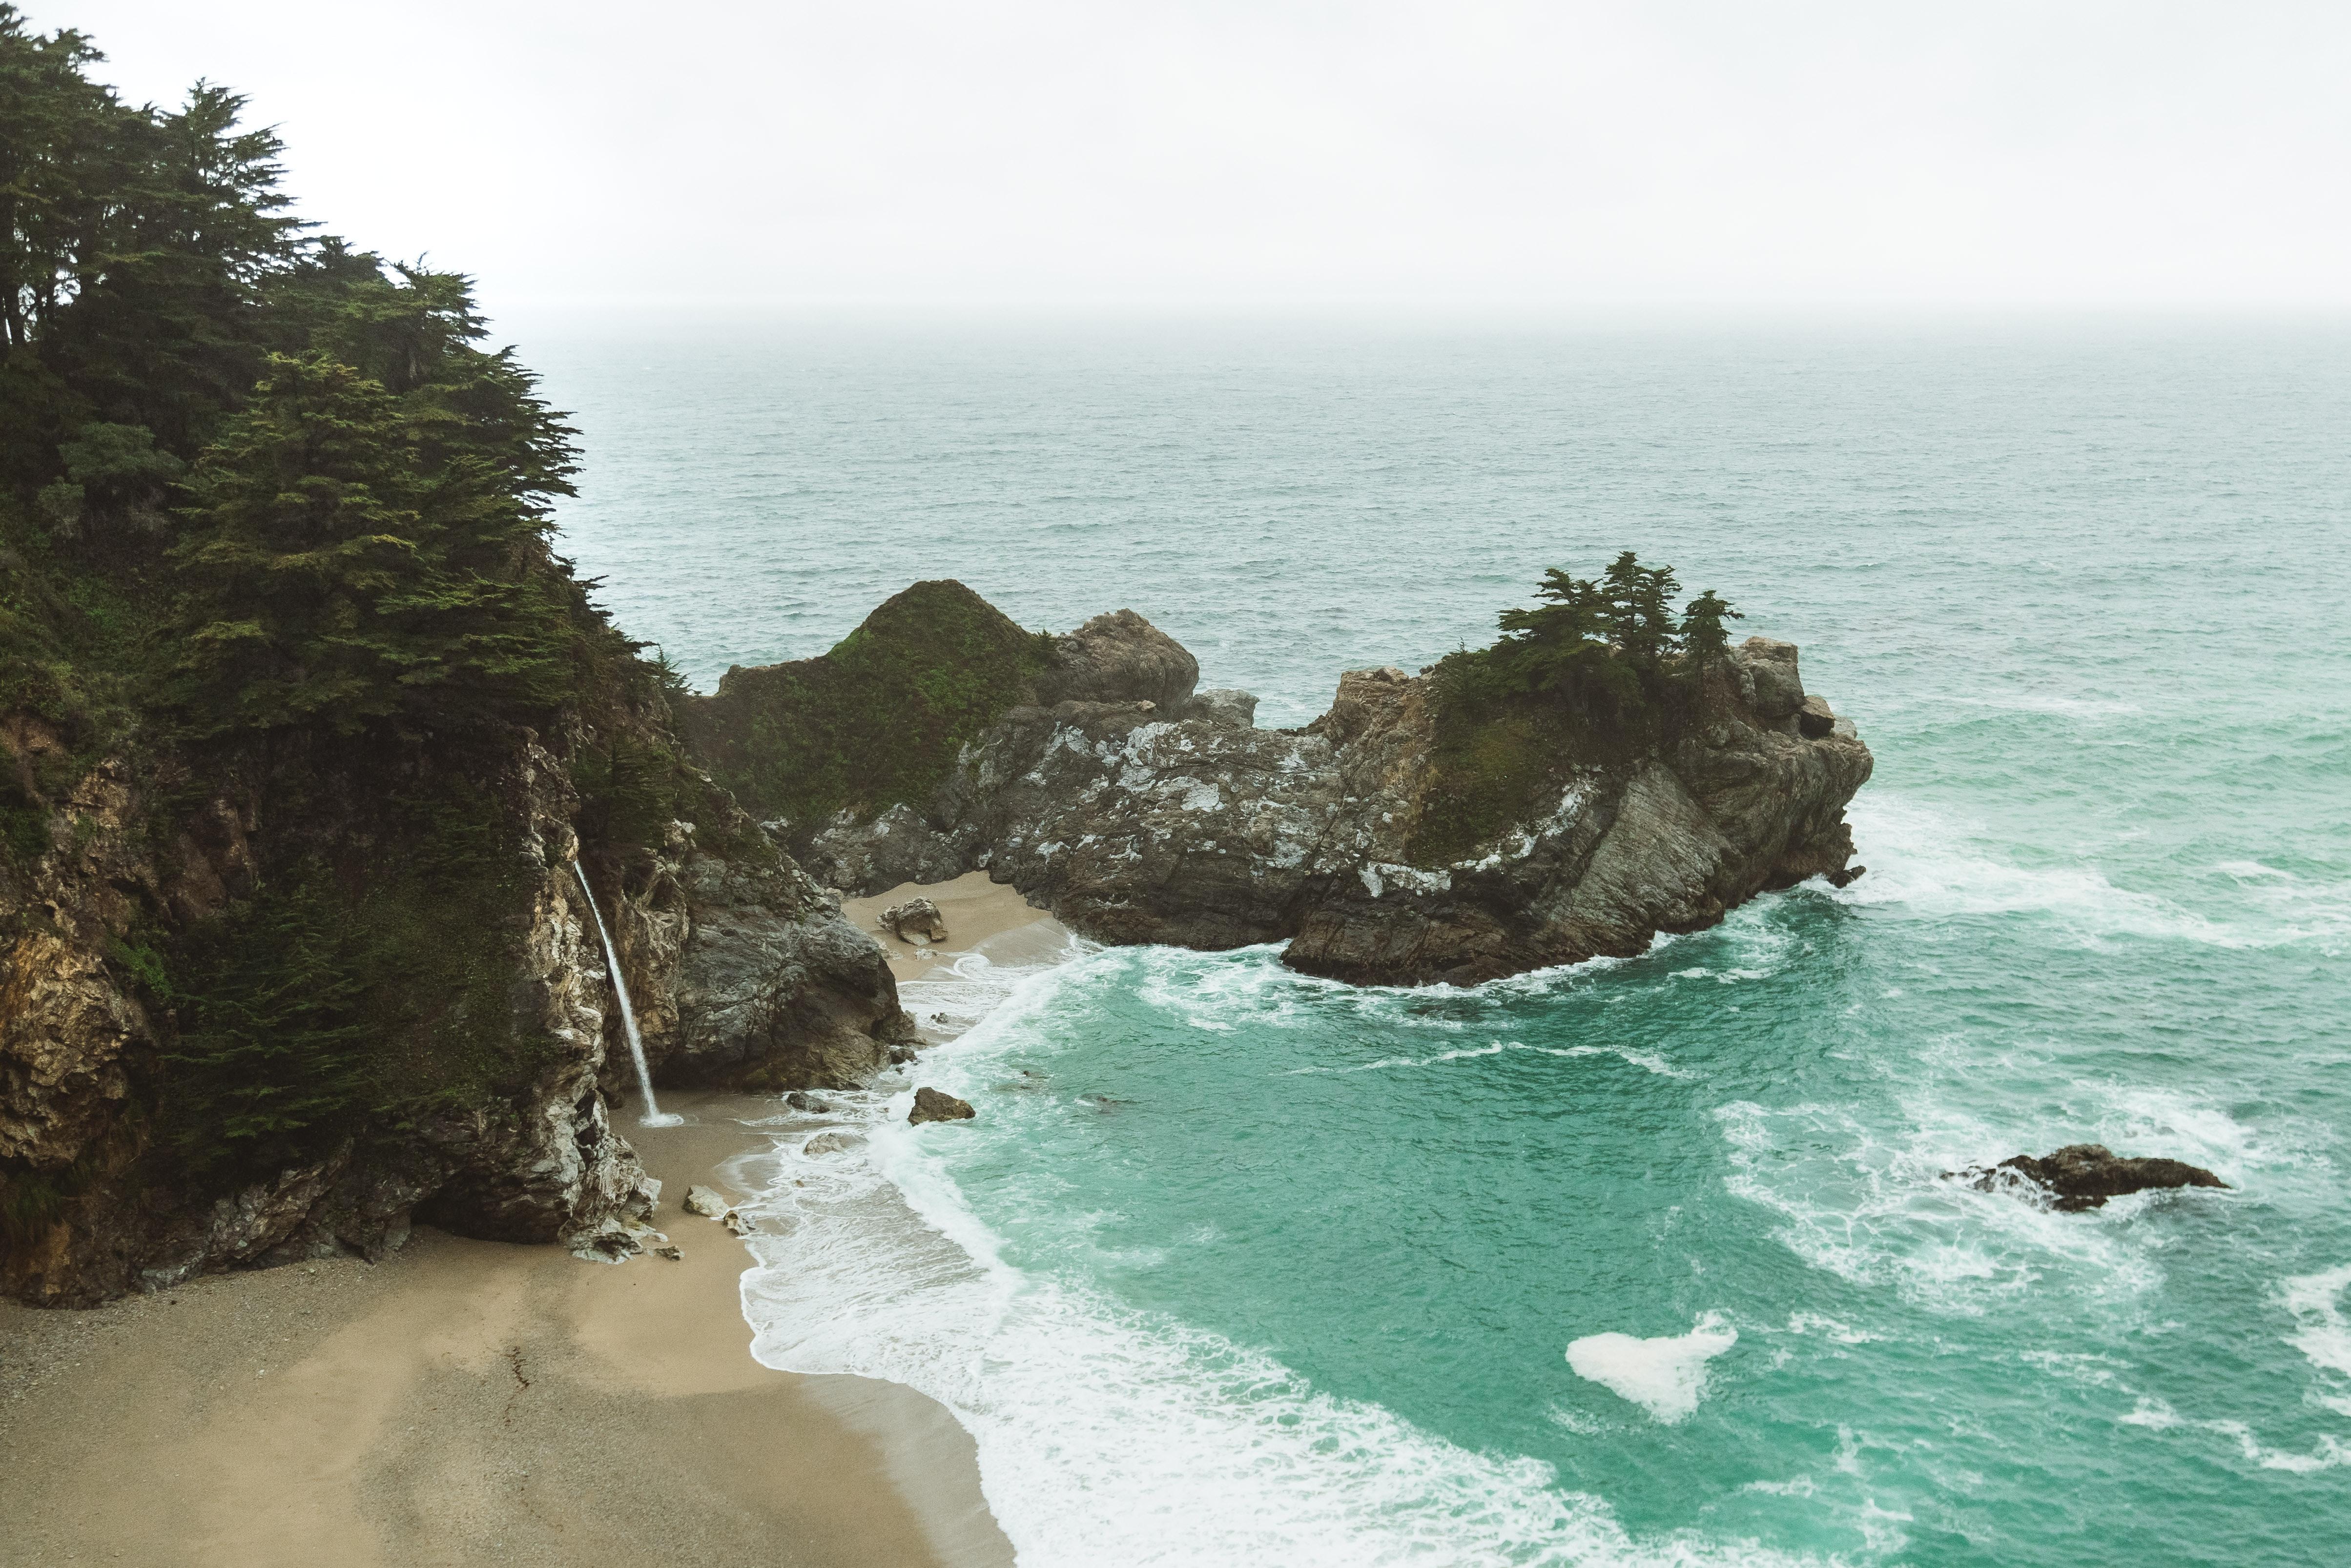 Green Trees on Sea Cliffs \u00b7 Free Stock Photo